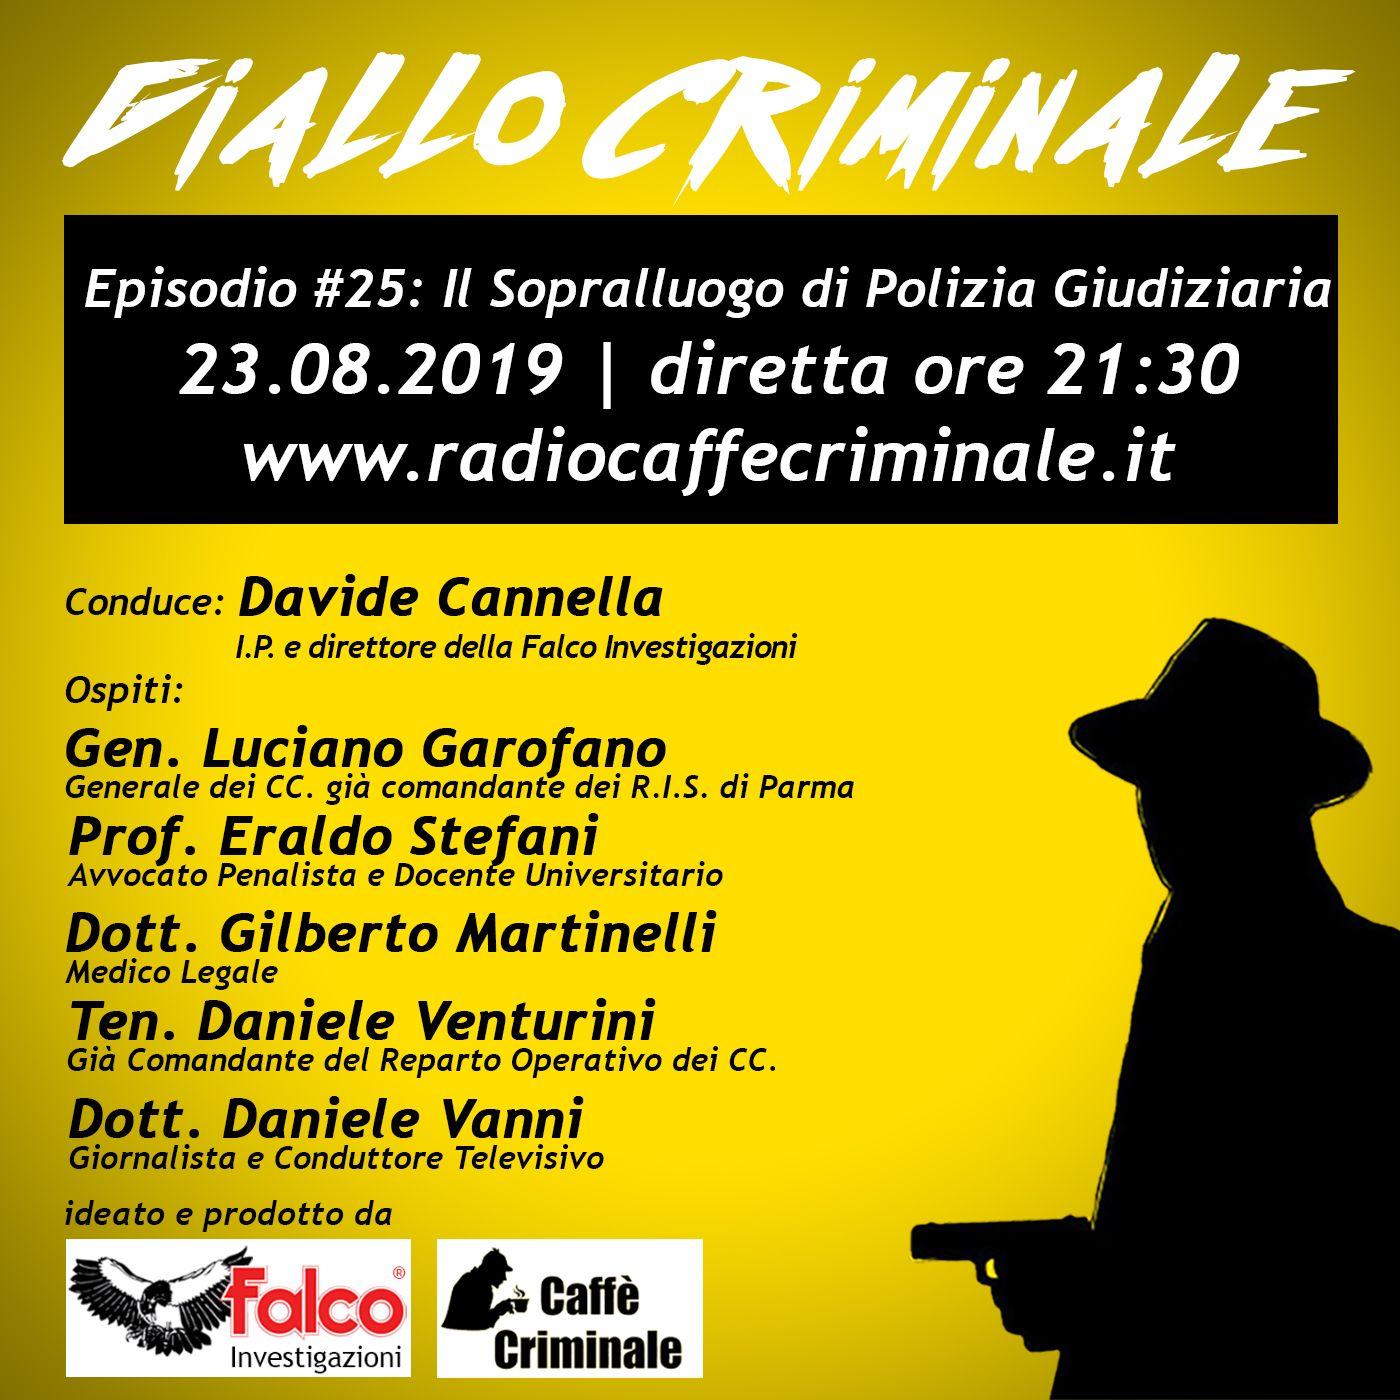 #25 Episodio | Il Sopralluogo di Polizia Giudiziaria_23.08.2019